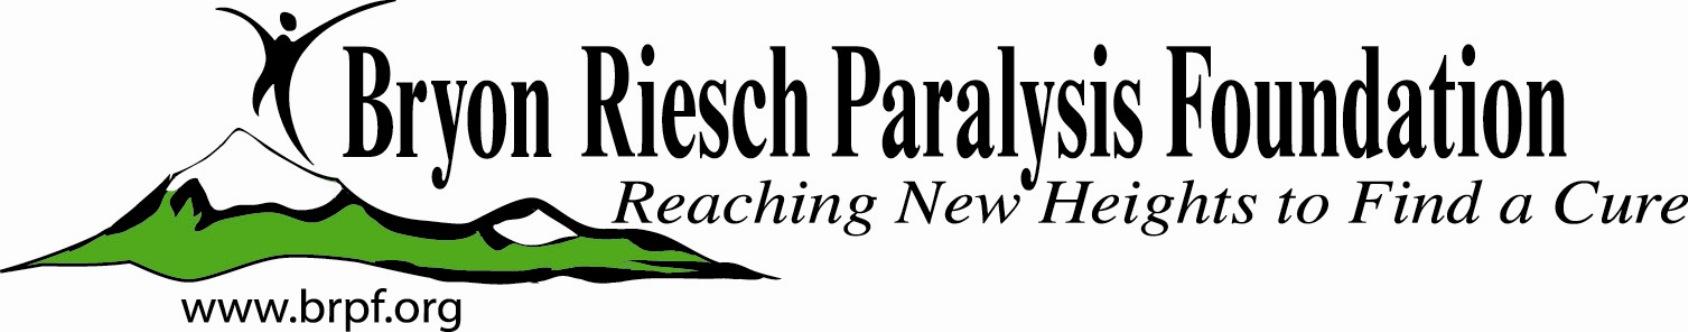 Bryon Riesch Paralysis Foundation logo